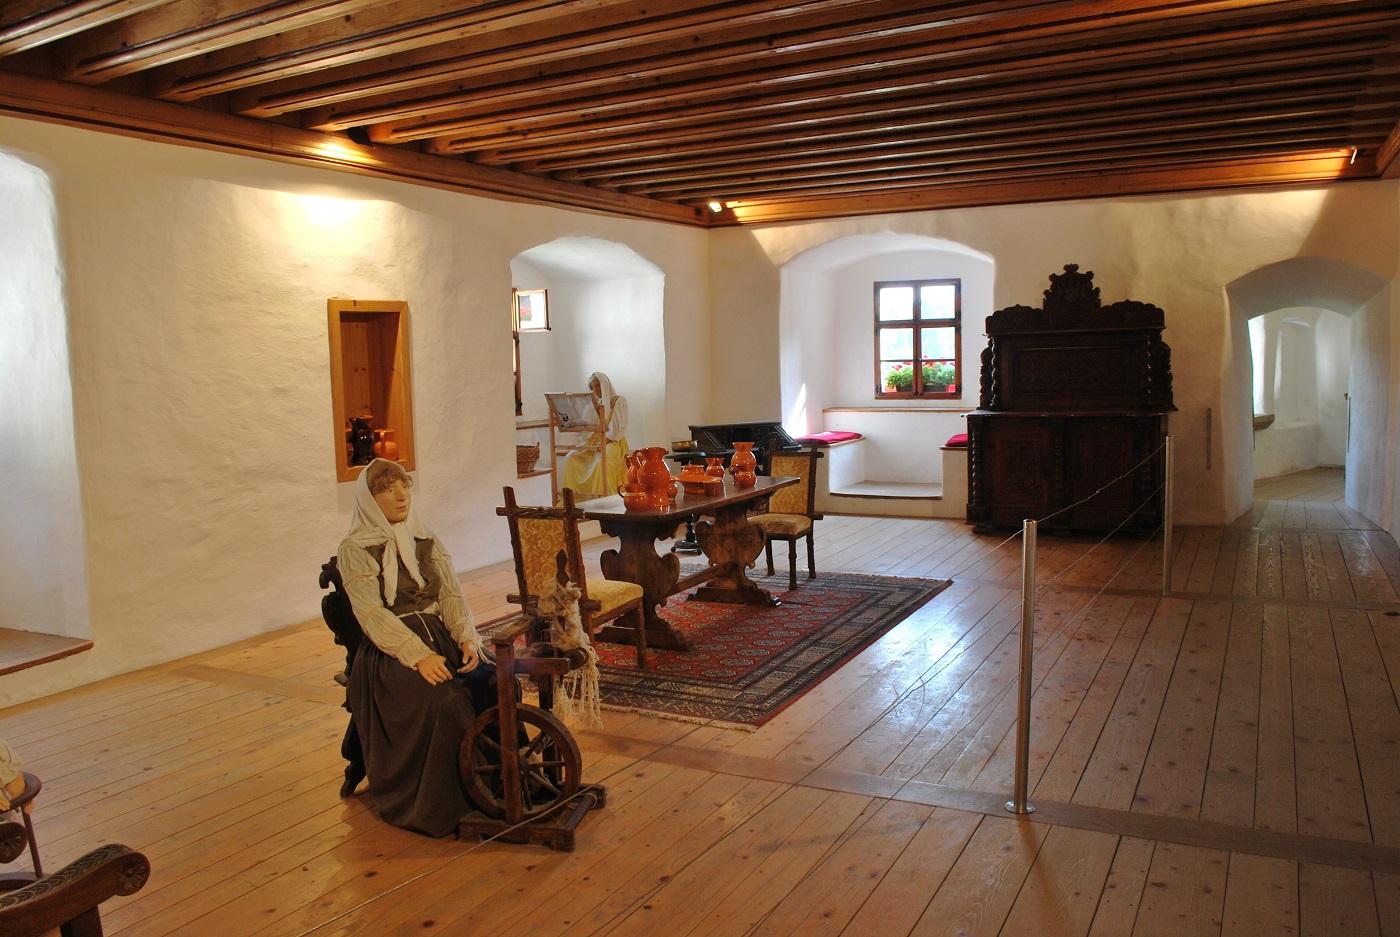 Interiorul Castelului Predjama ascunde diverse obiecte interesante